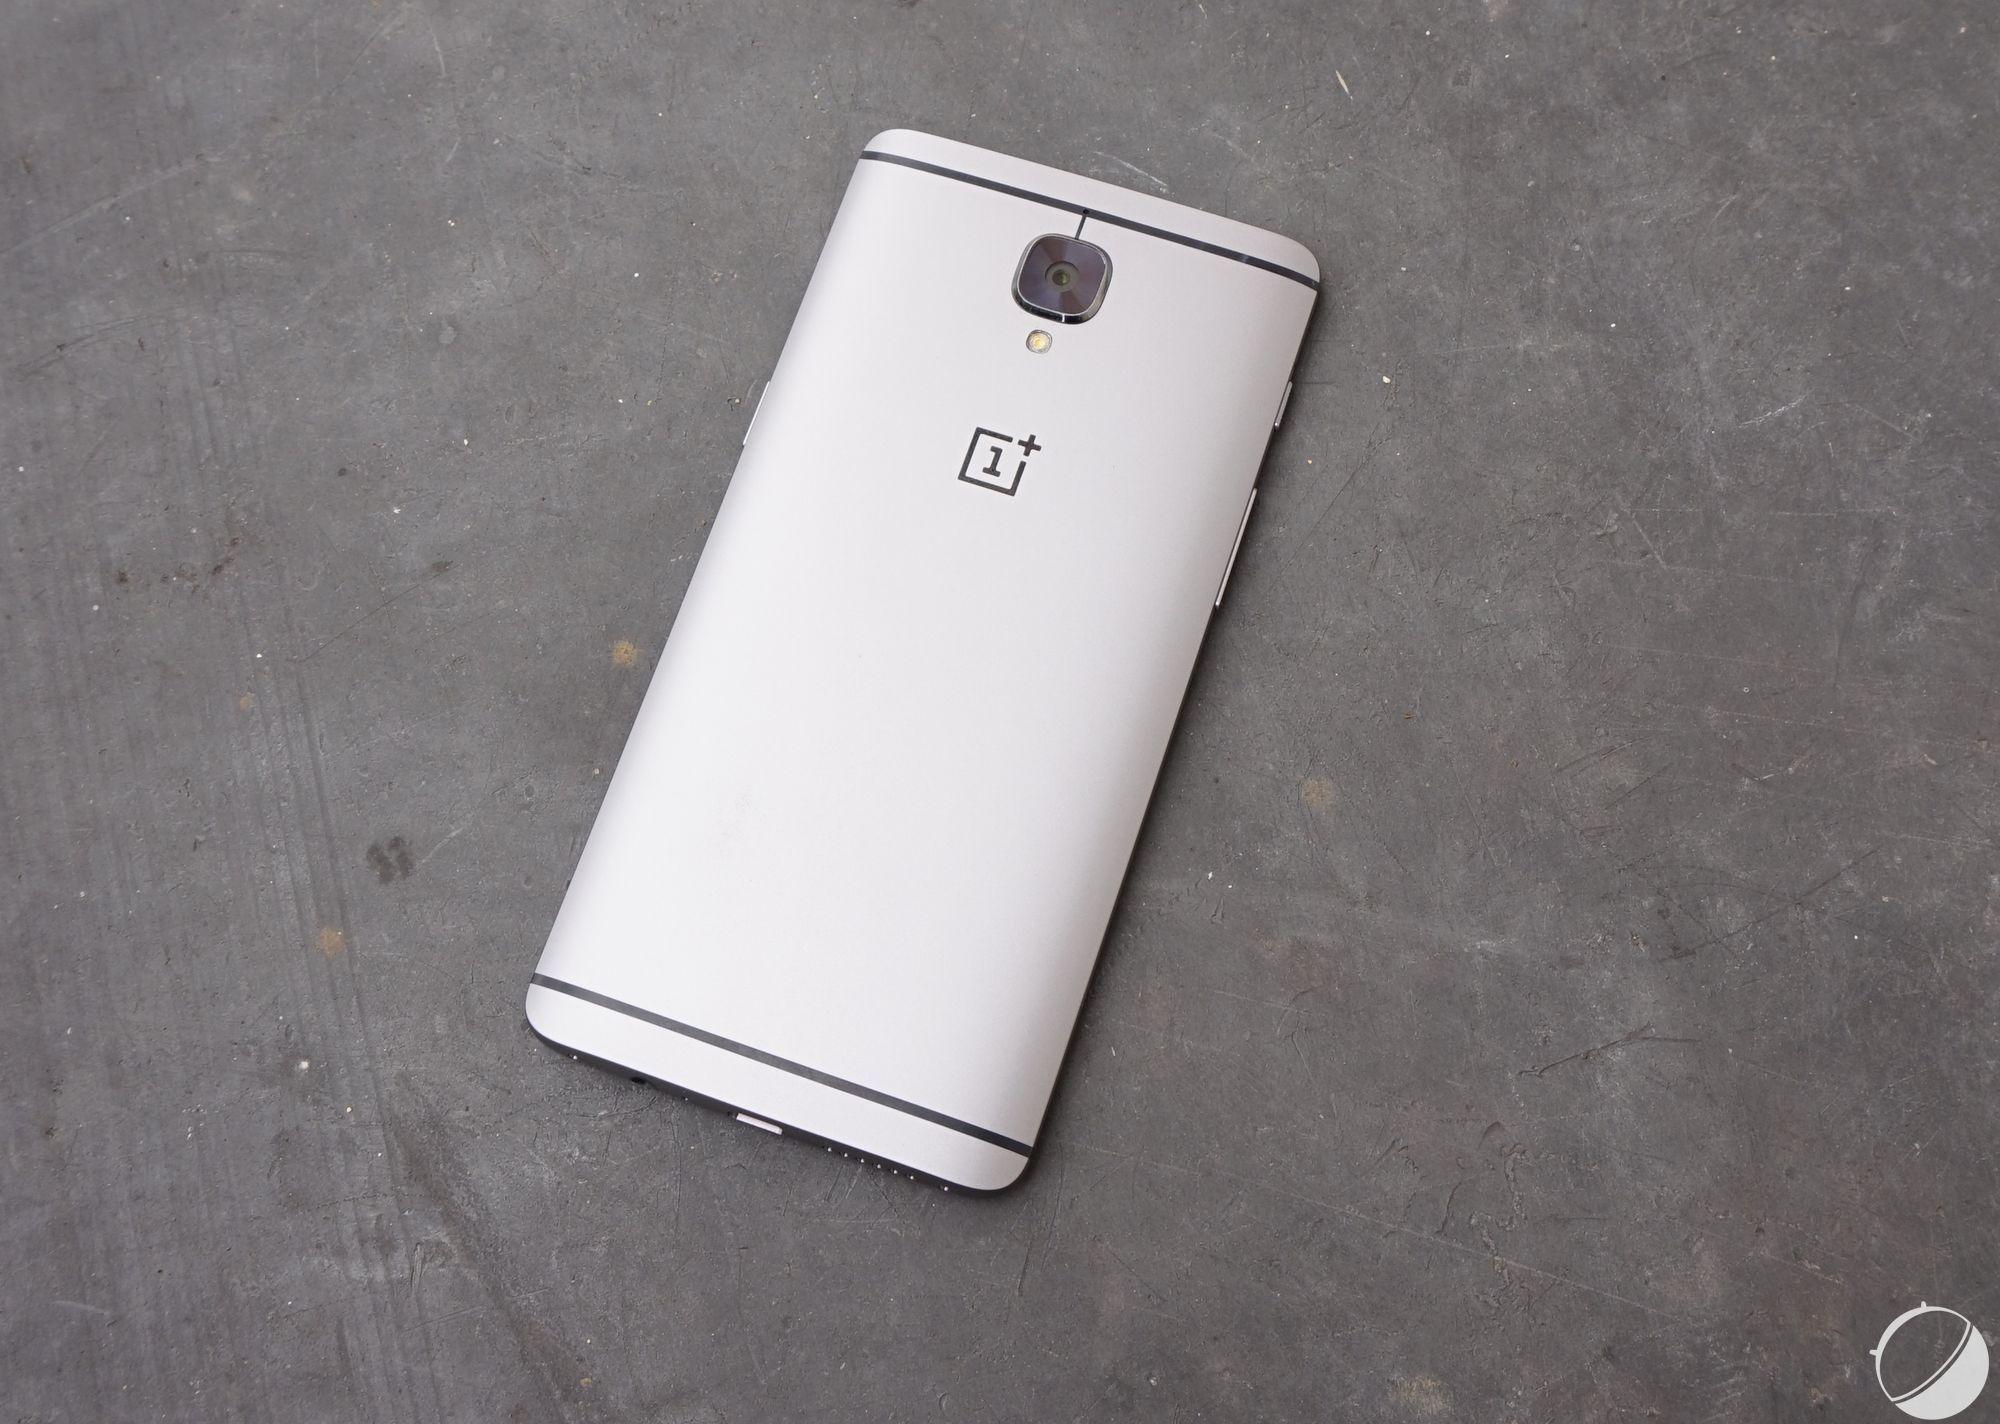 OnePlus 3 : tout ce qu'il faut savoir